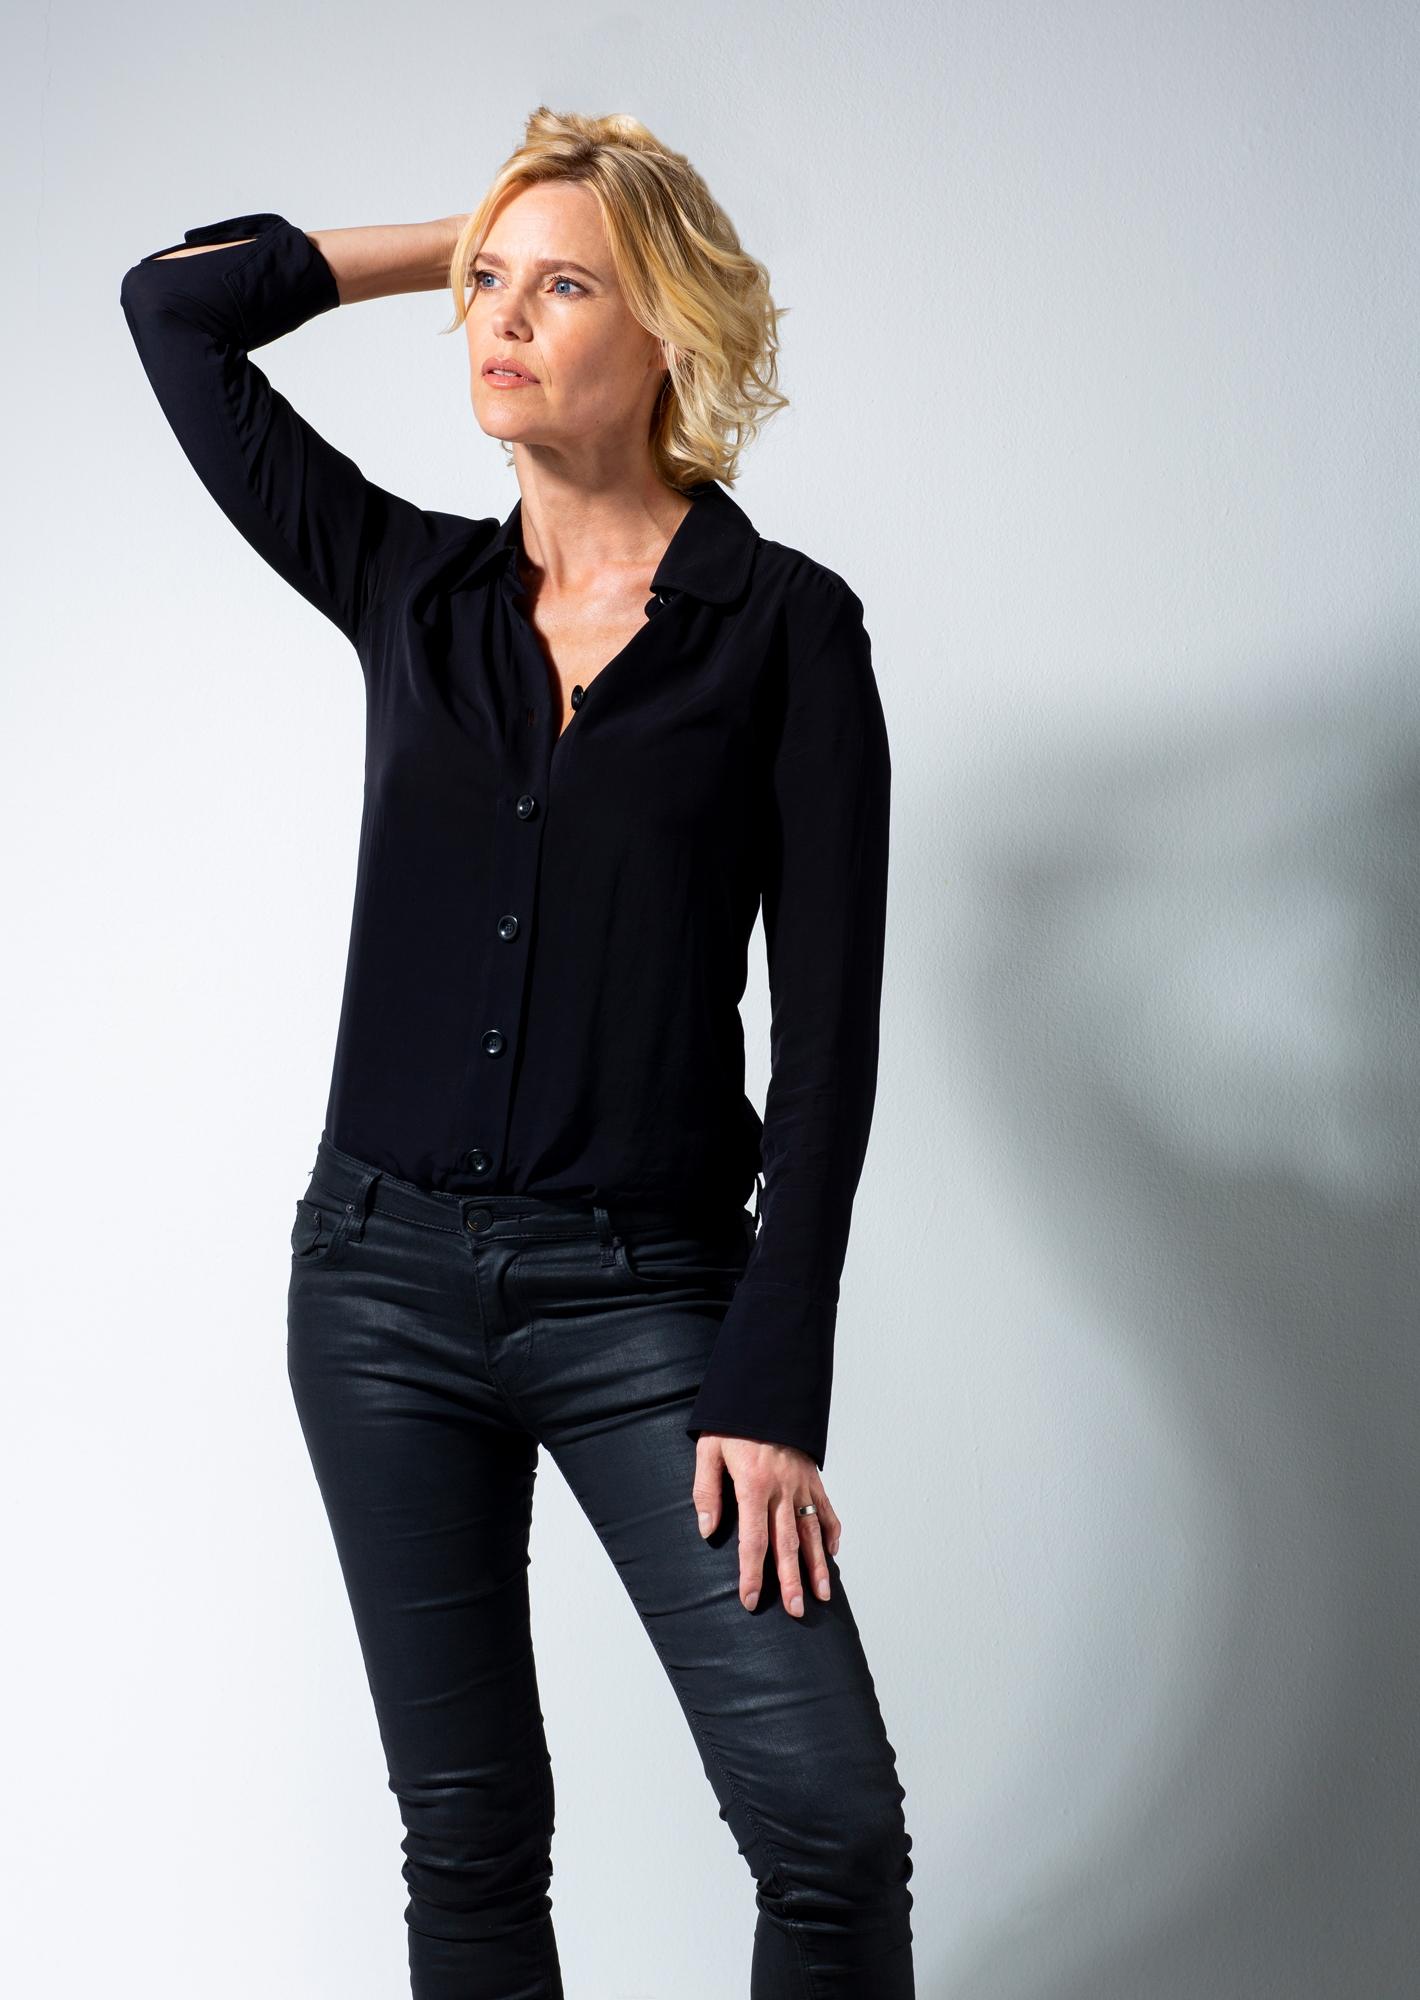 Linda-Kallgren-13